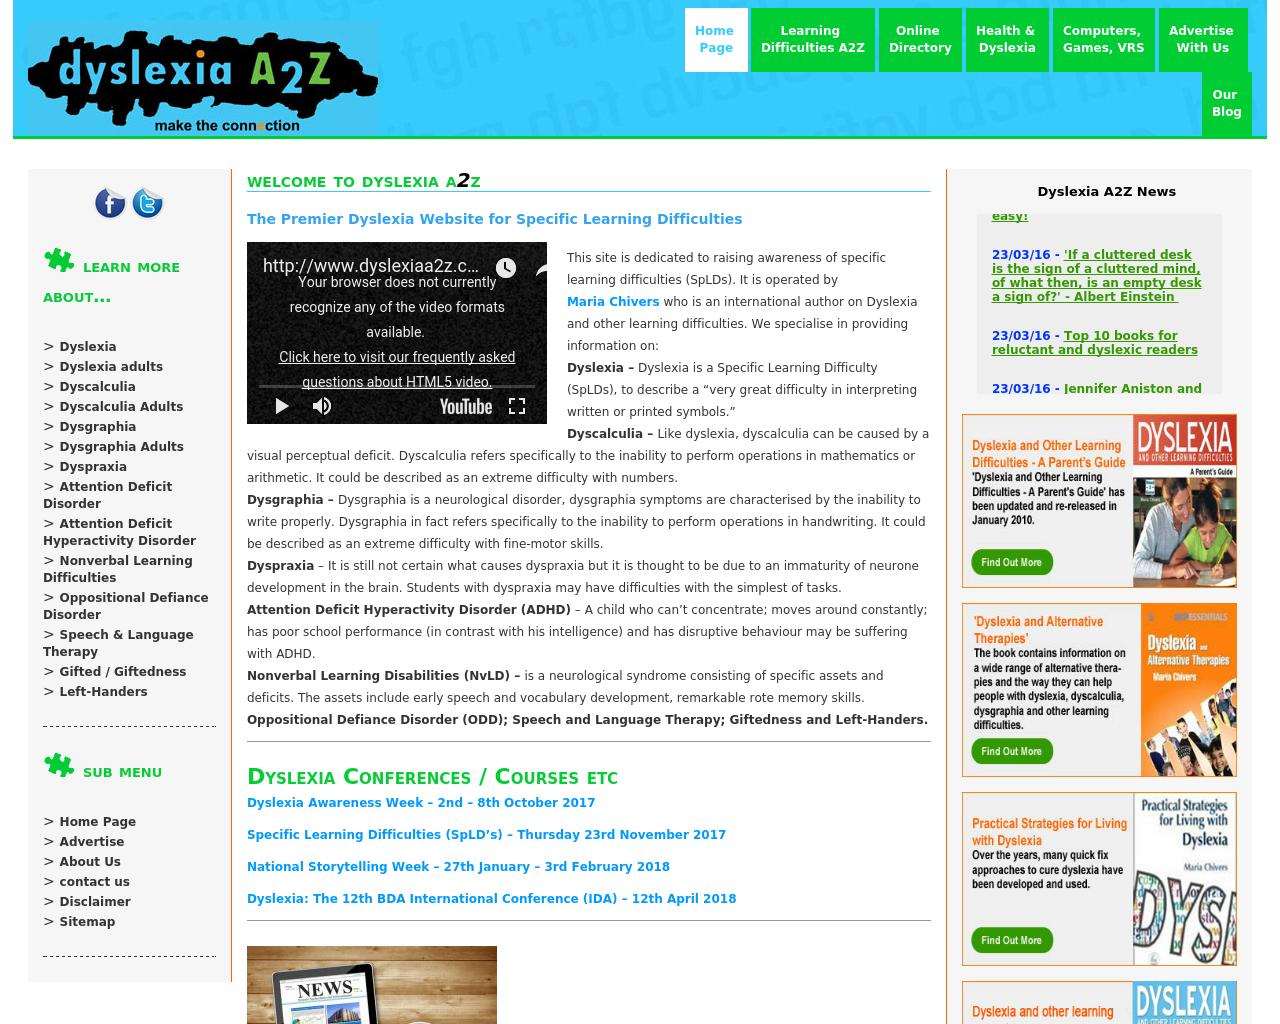 Dyslexia-A2Z-Advertising-Reviews-Pricing